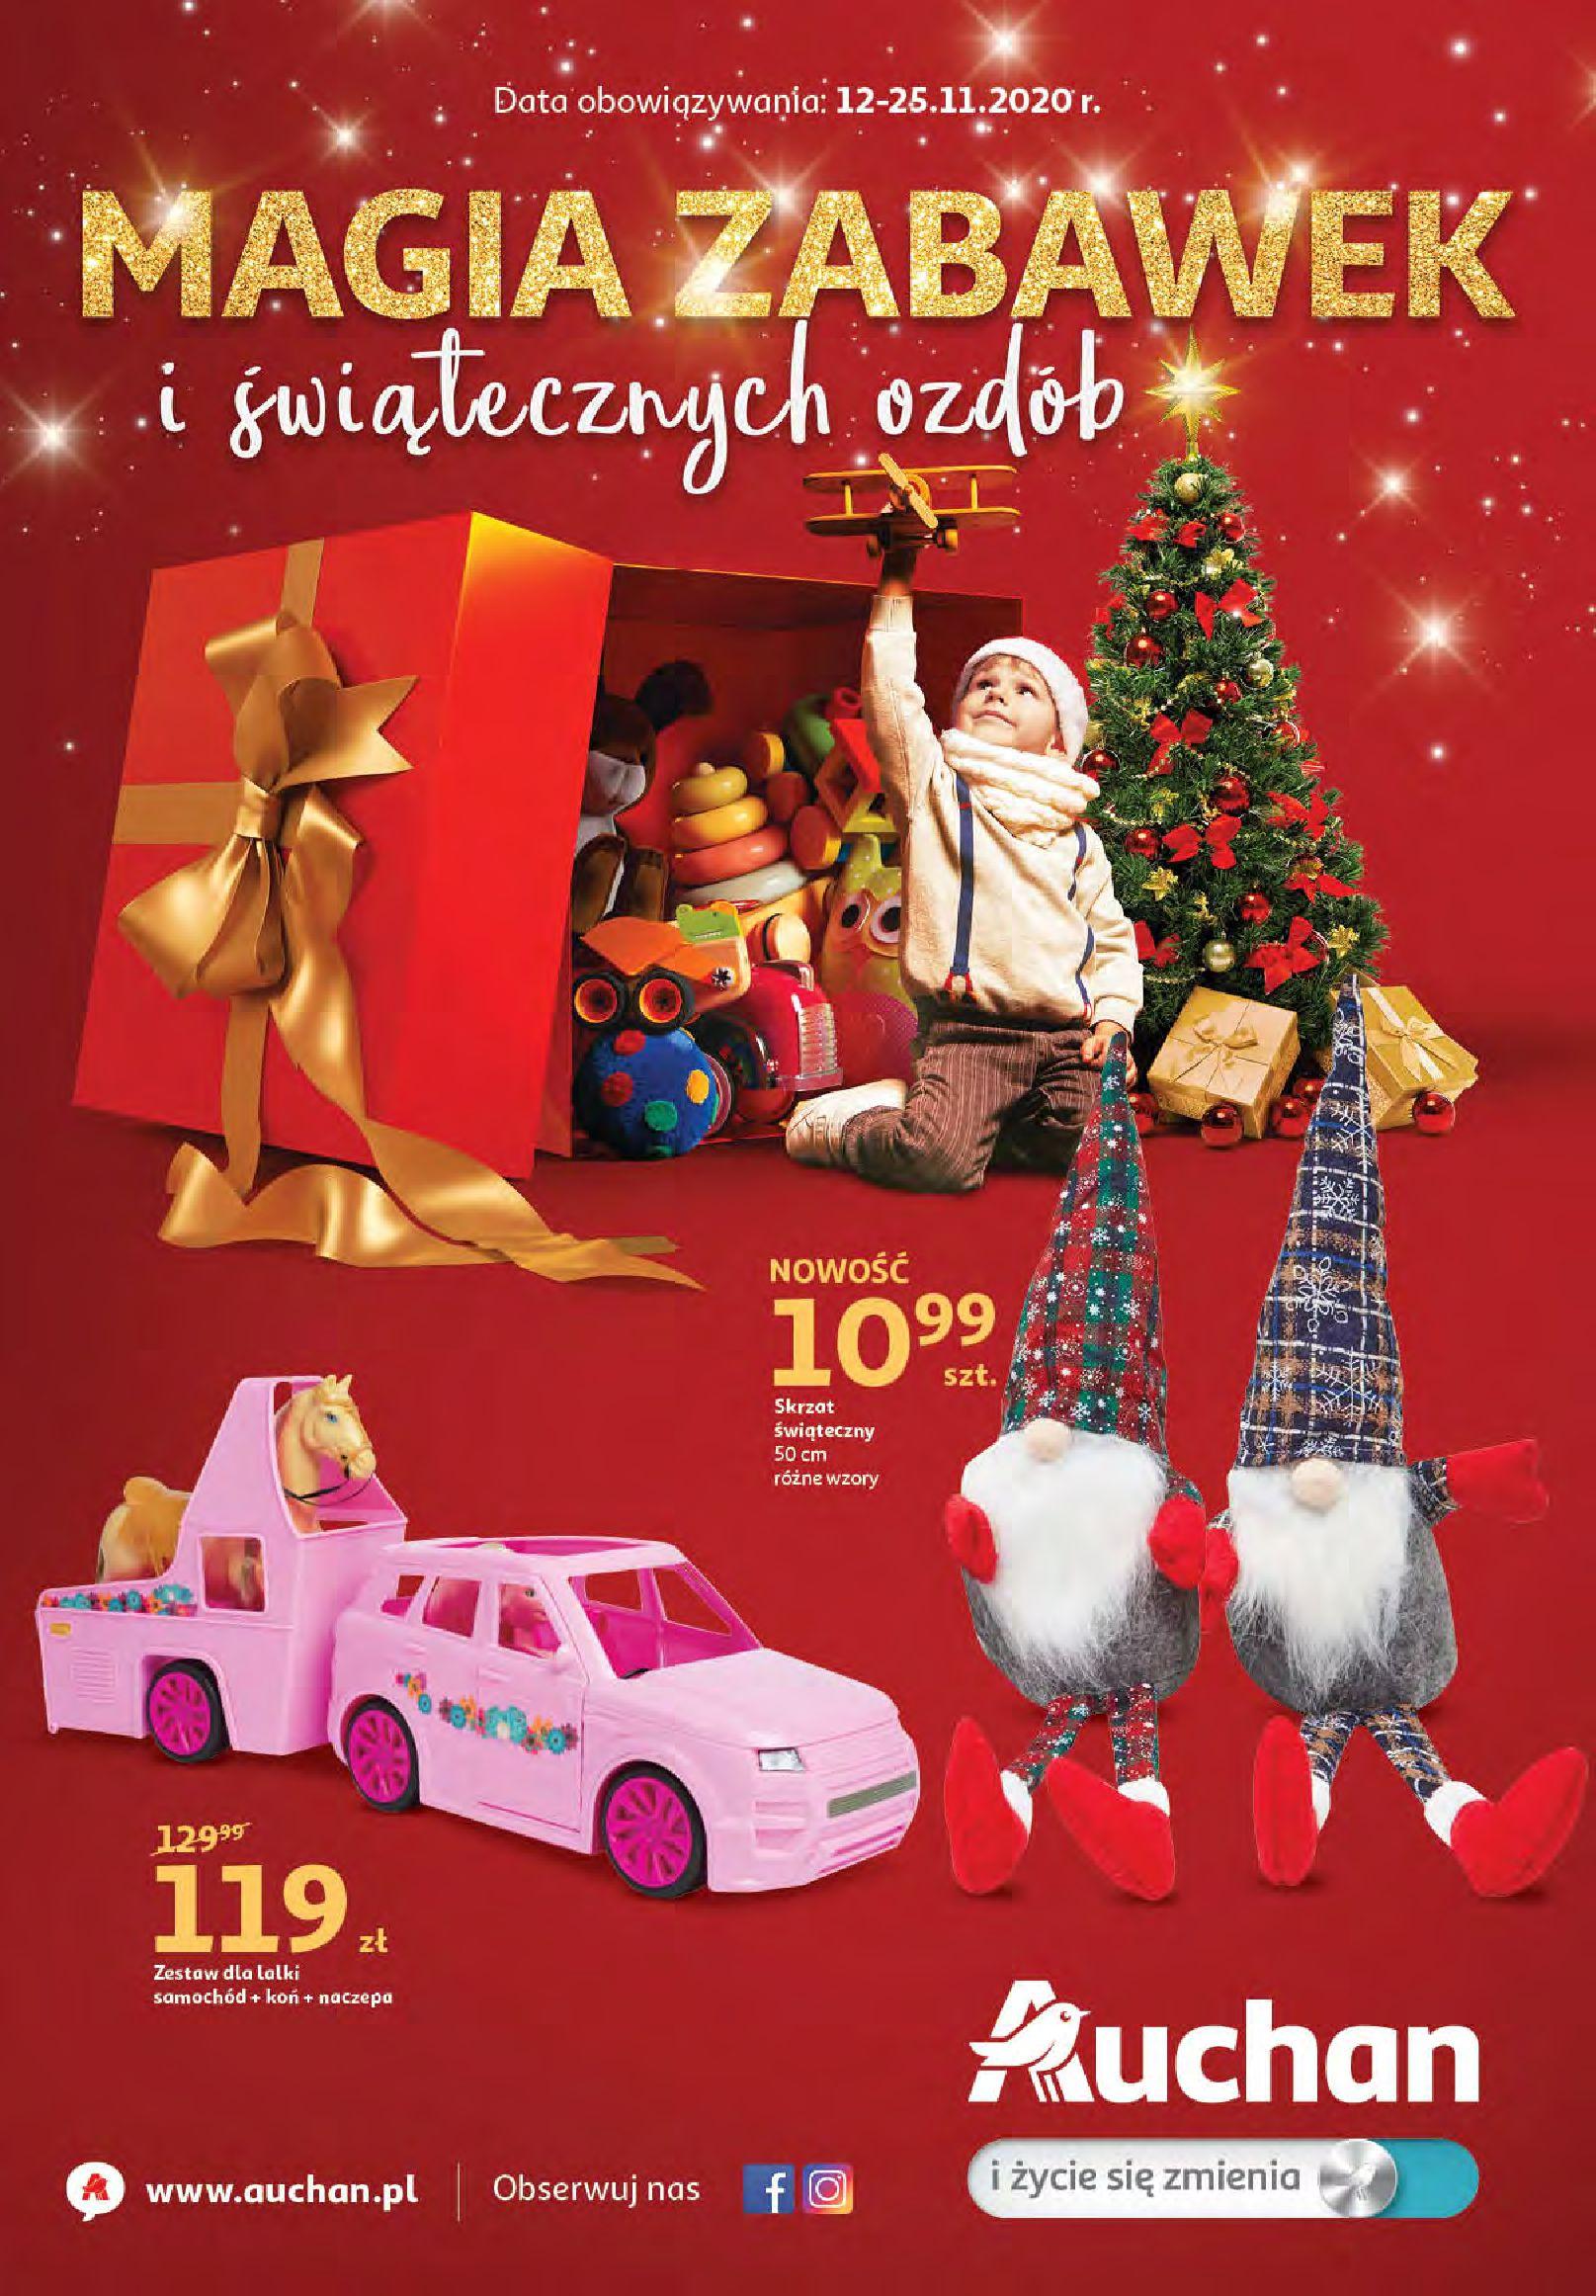 Gazetka Auchan - Magia zabawek i świątecznych ozdób-11.11.2020-25.11.2020-page-1